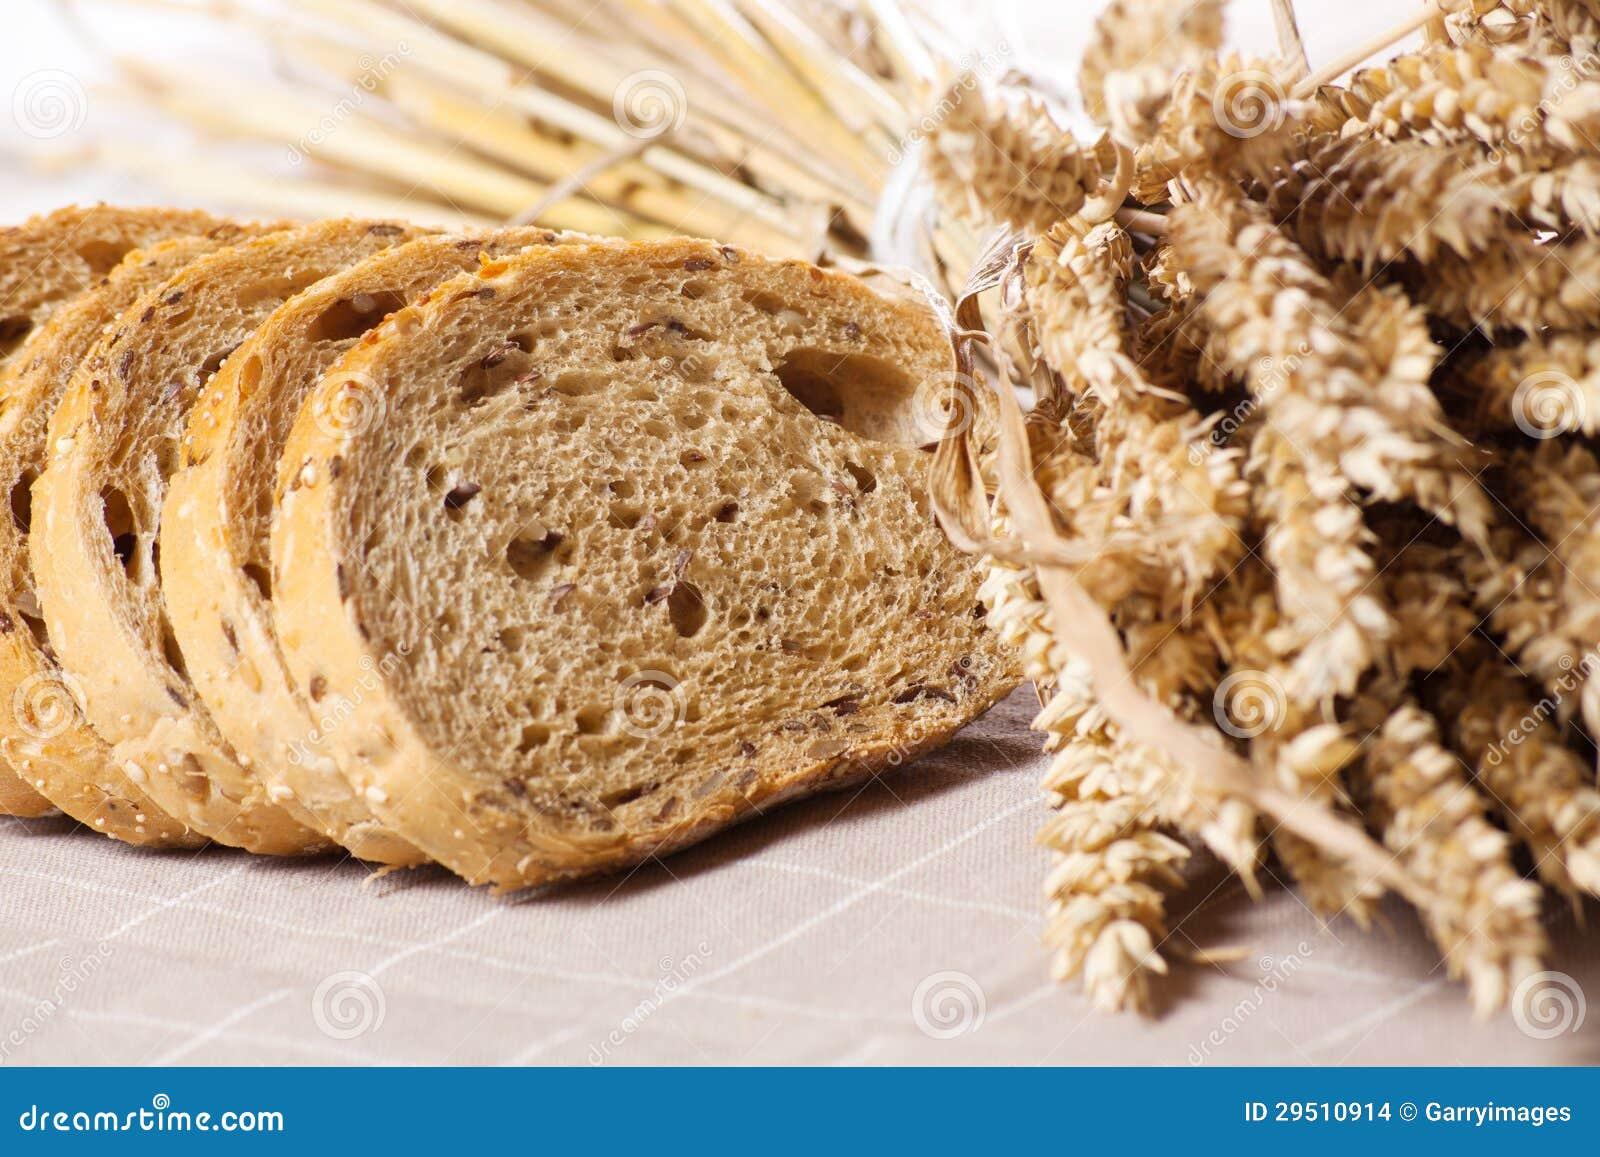 Korn An Korn Brot